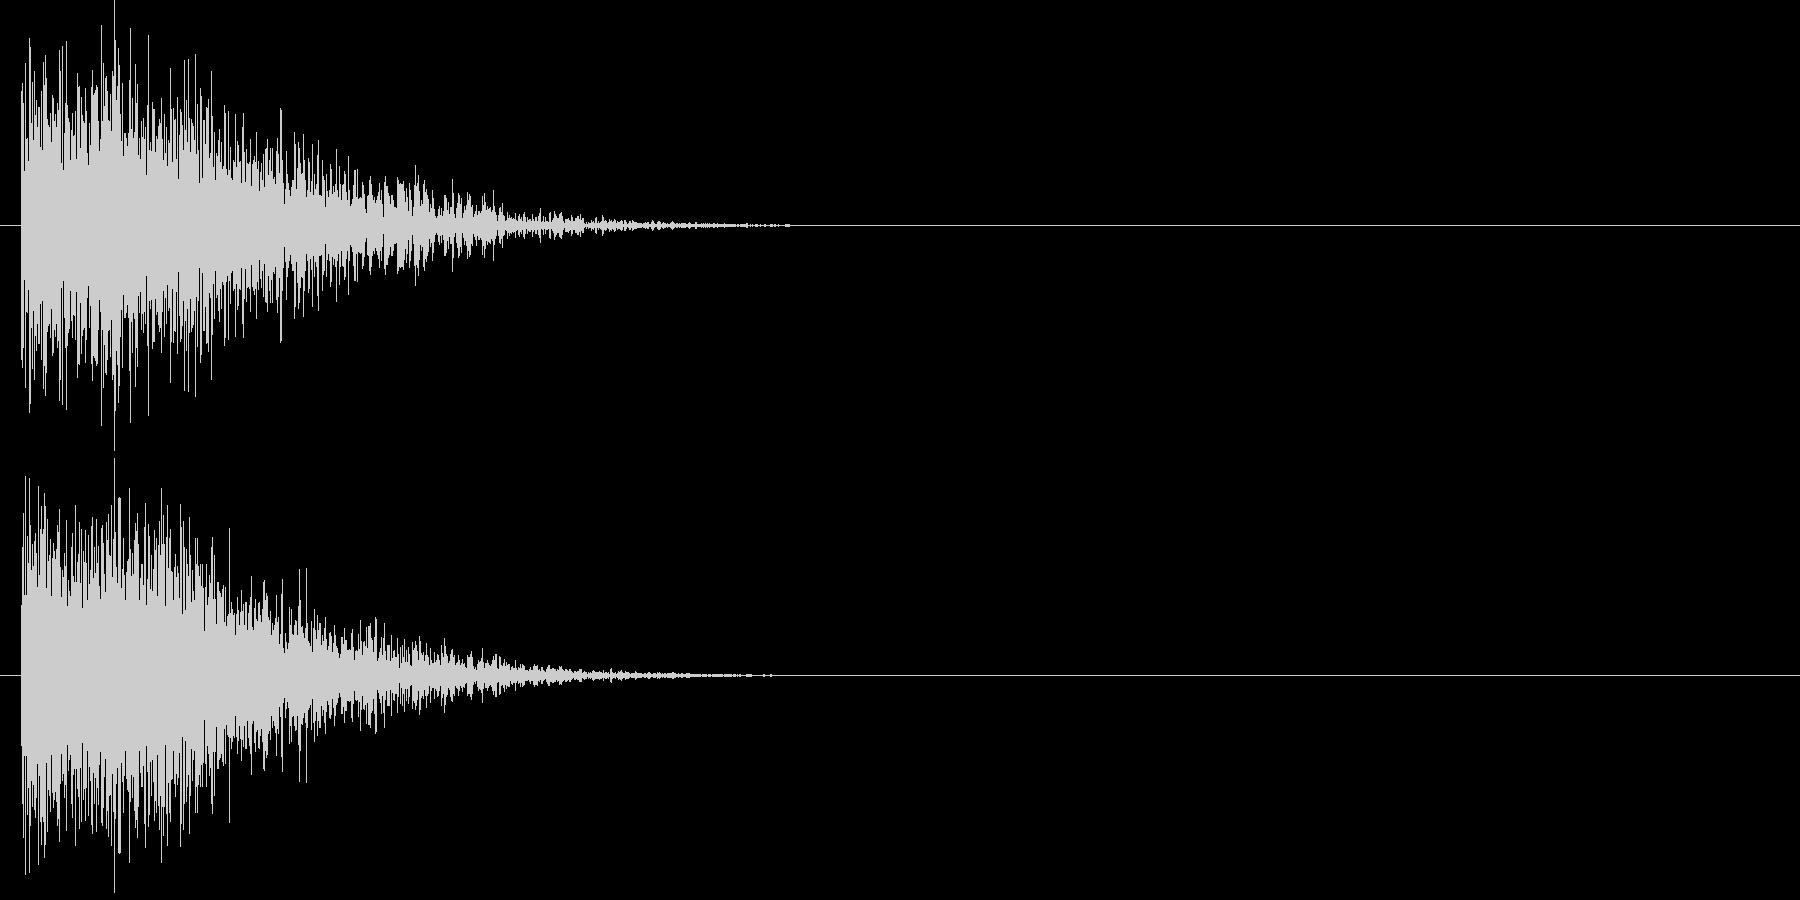 汎用 ヒット系01(小) 出題 フリップの未再生の波形